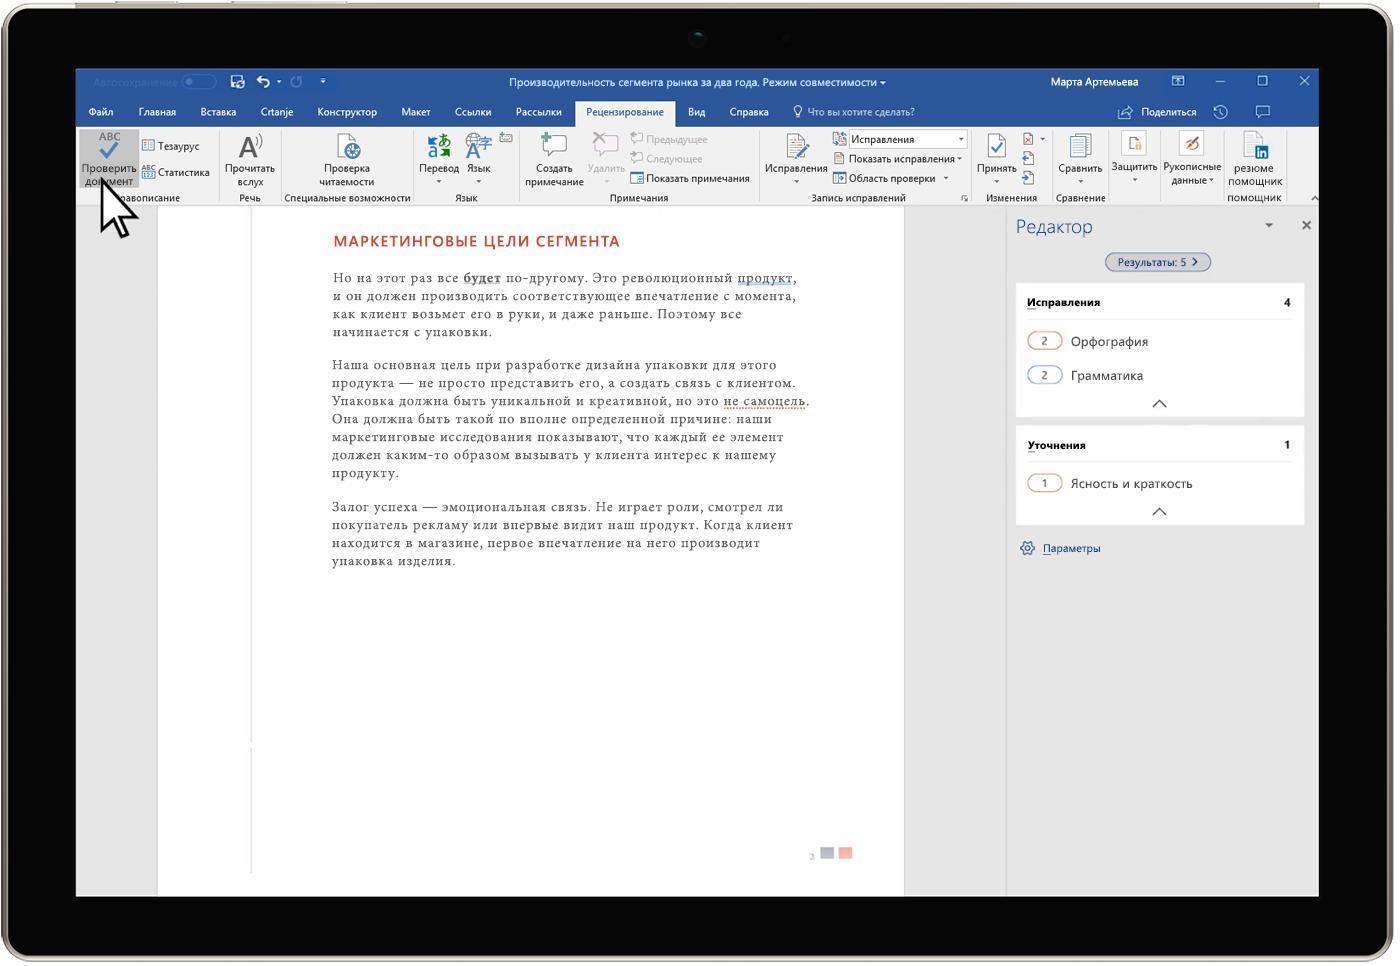 Изображение панели обзора результатов корректора в документе Word.